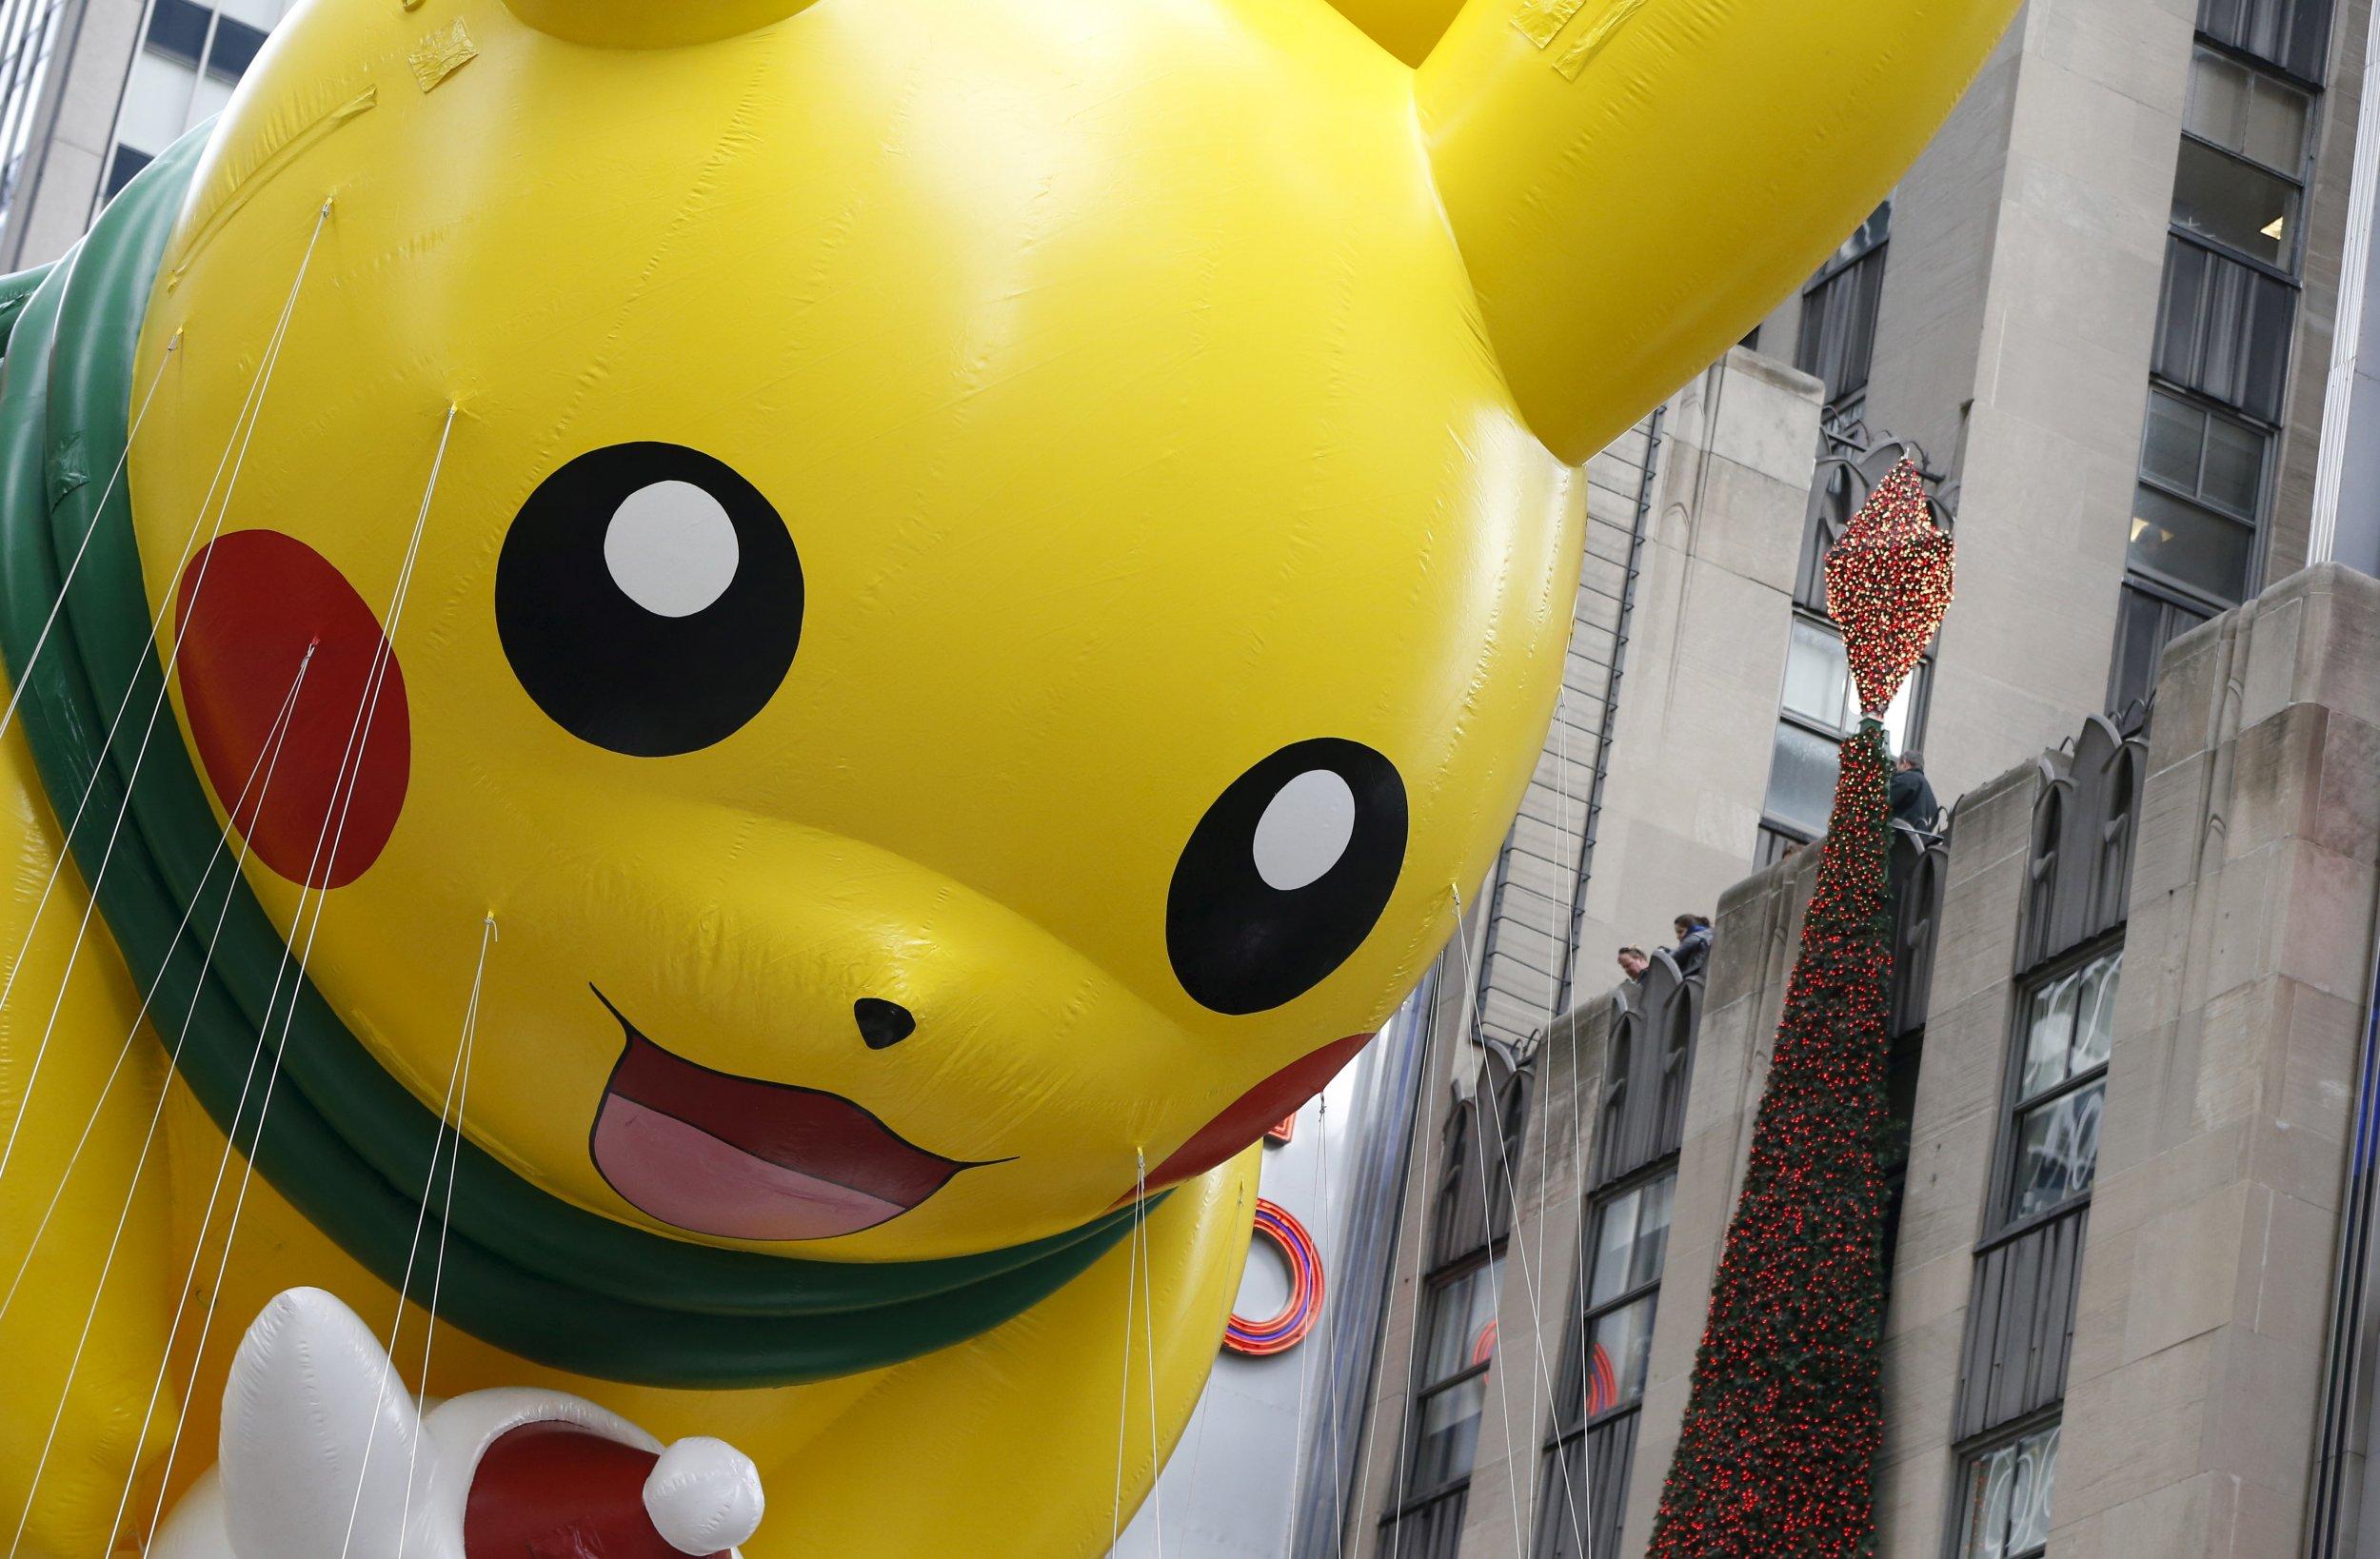 02_03_Pokemon_Pikachu